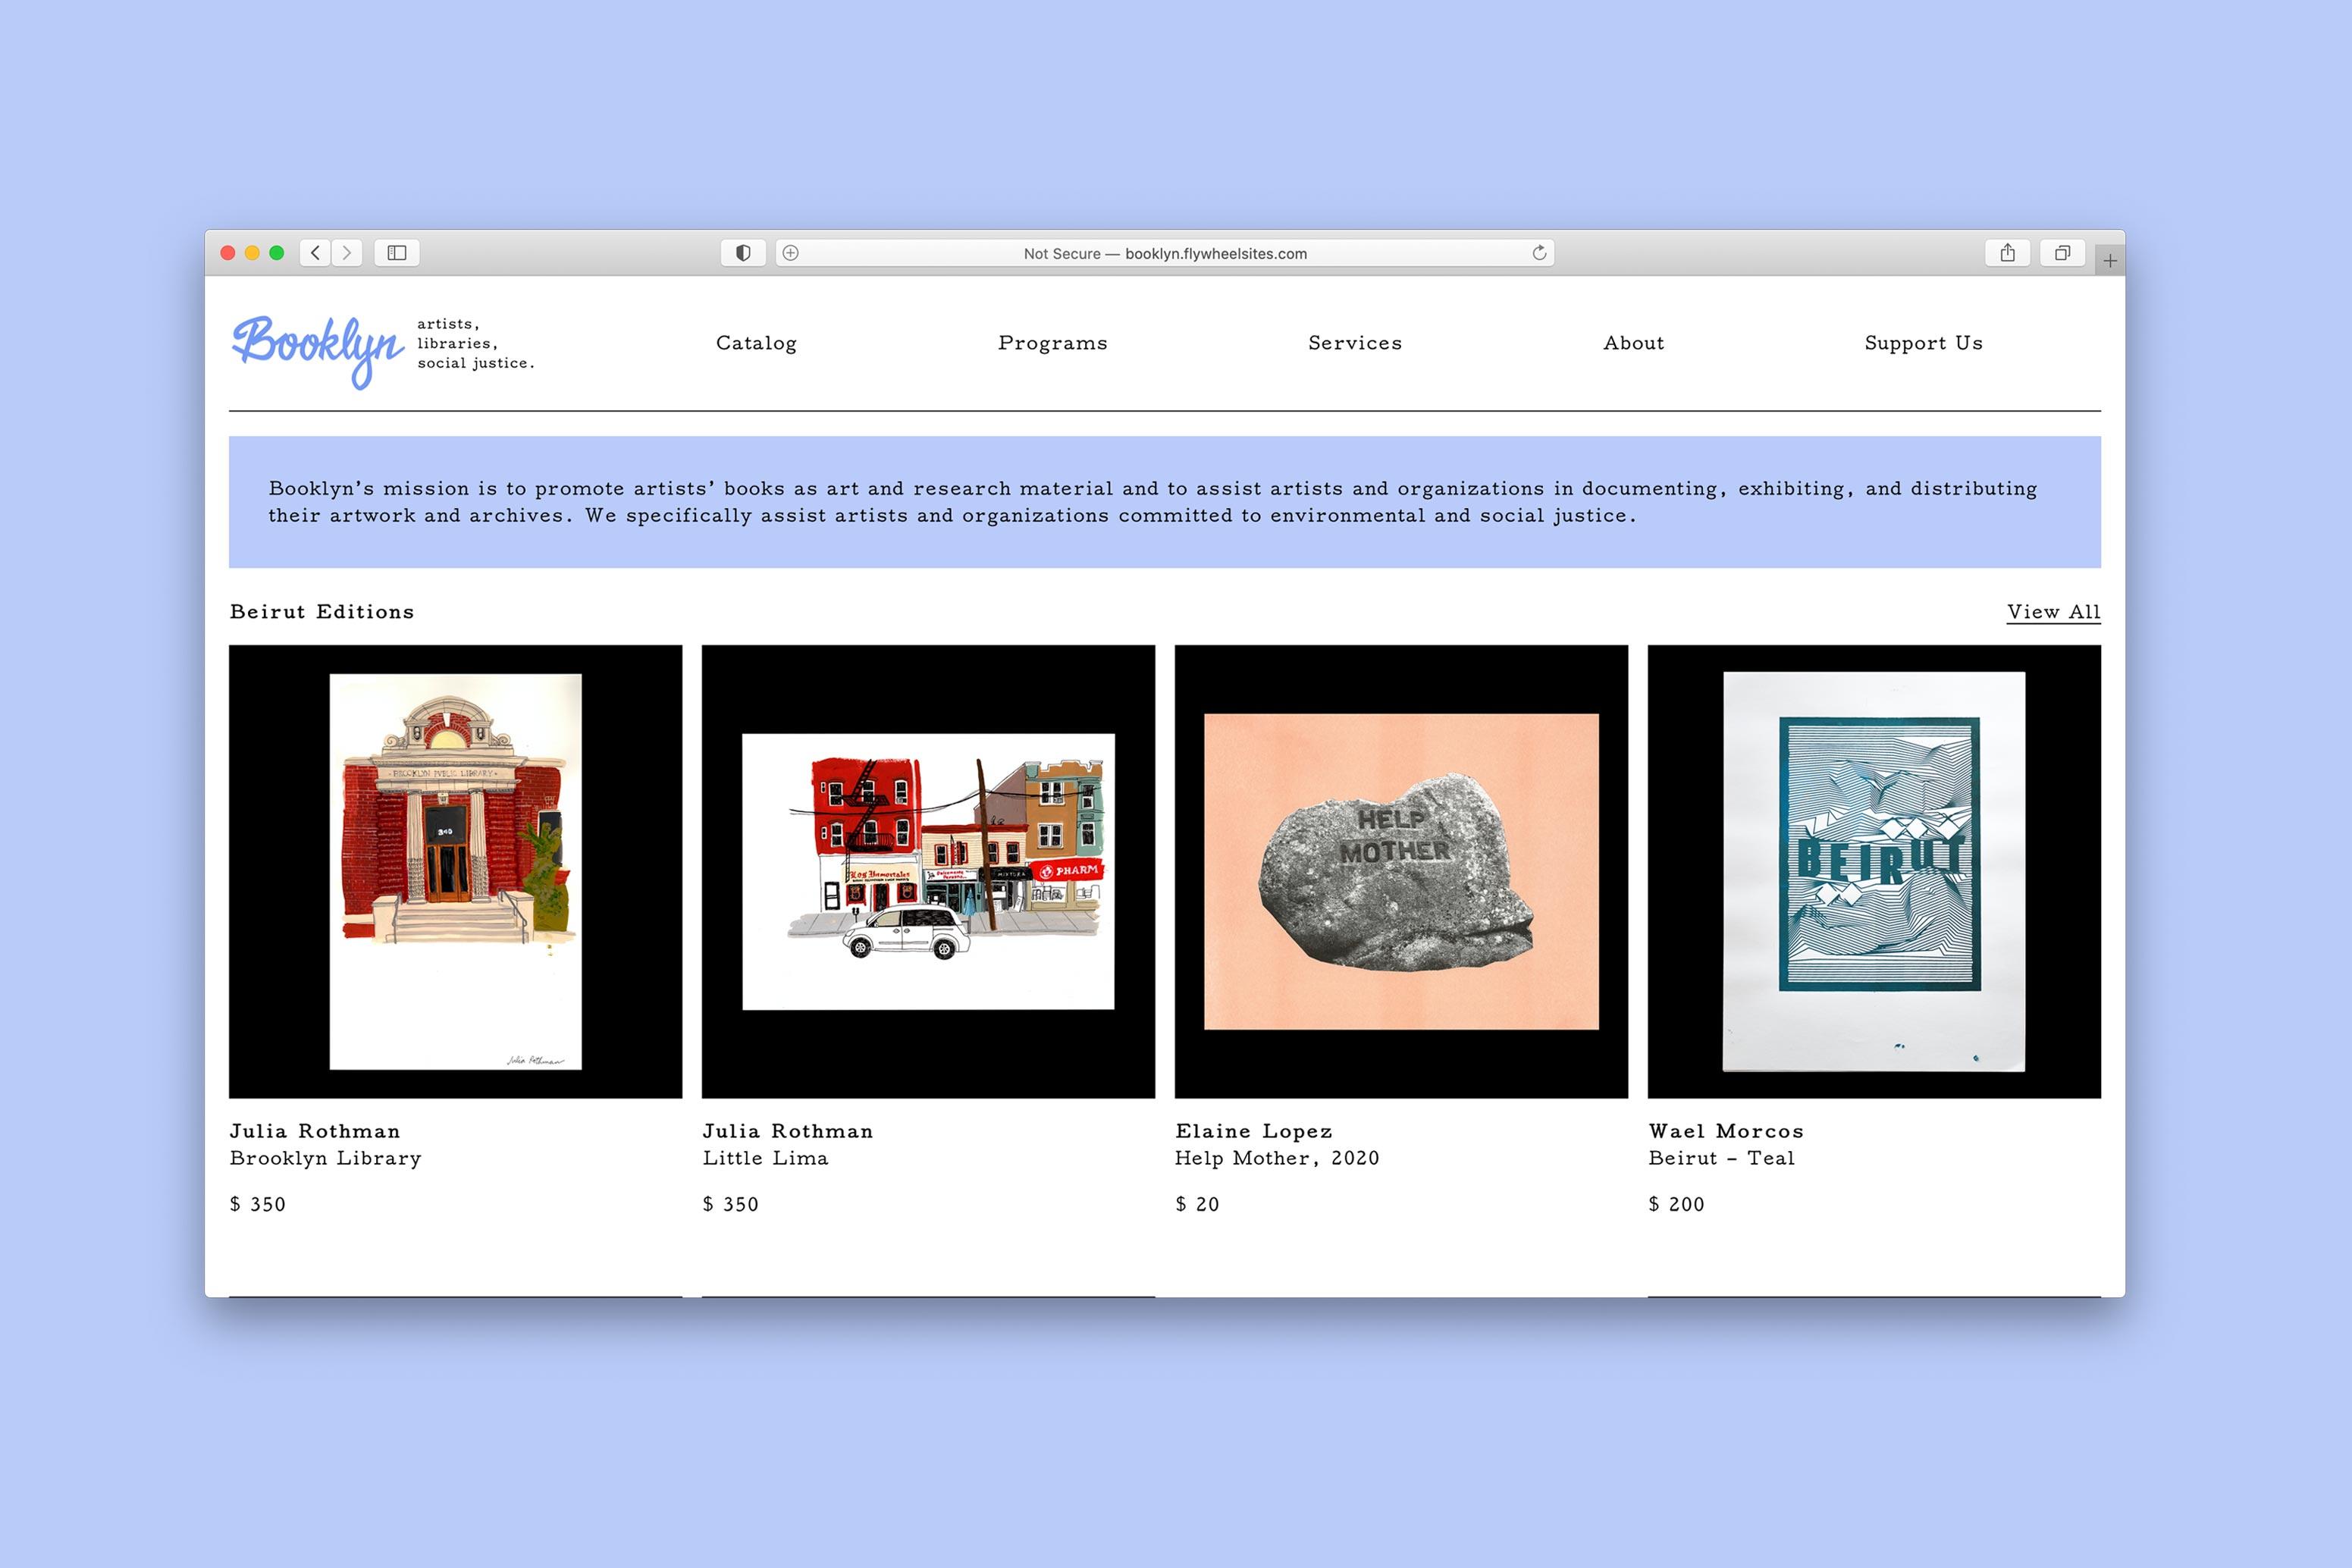 Booklyn Website